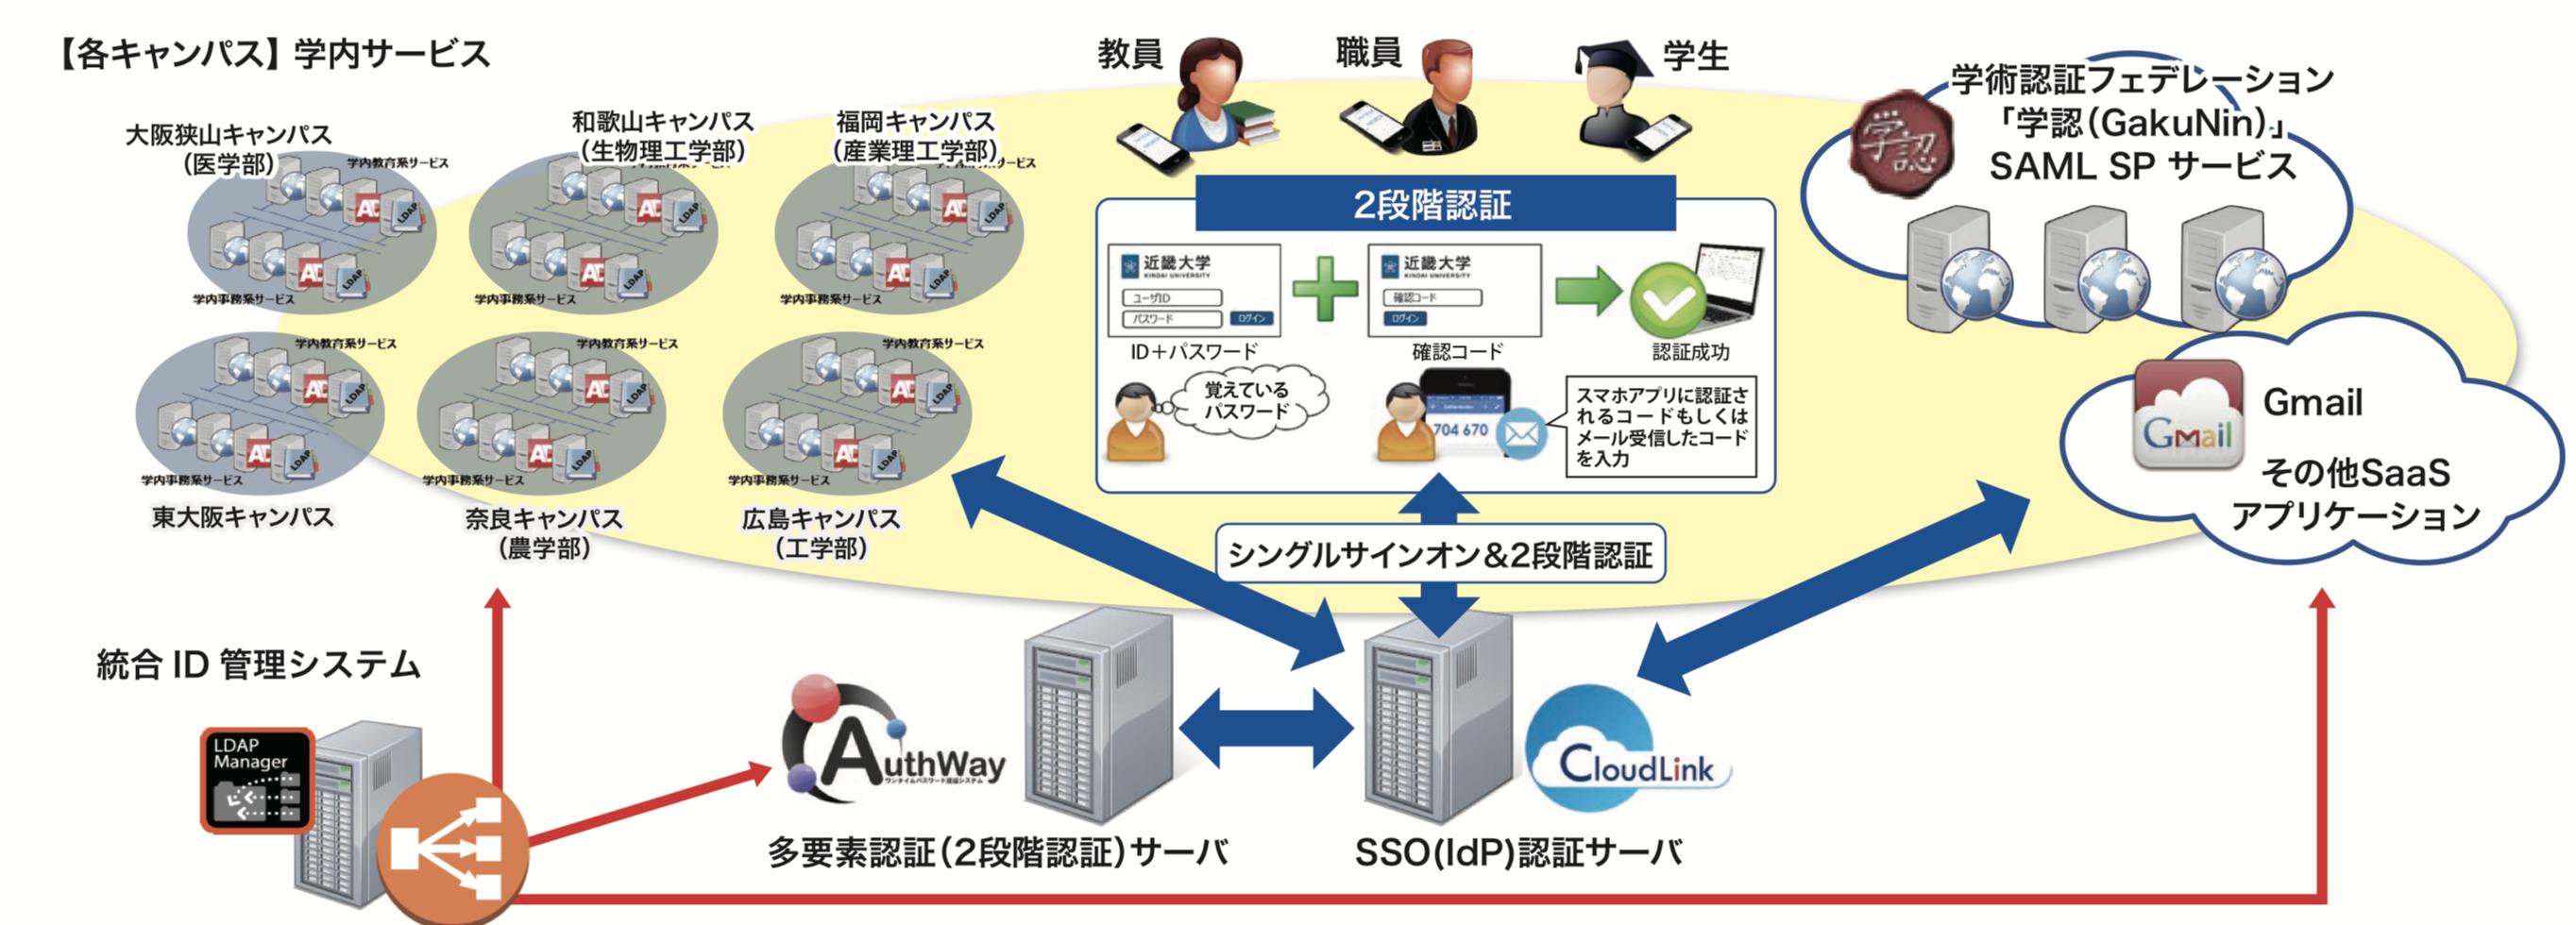 近畿大学 システム構成イメージ